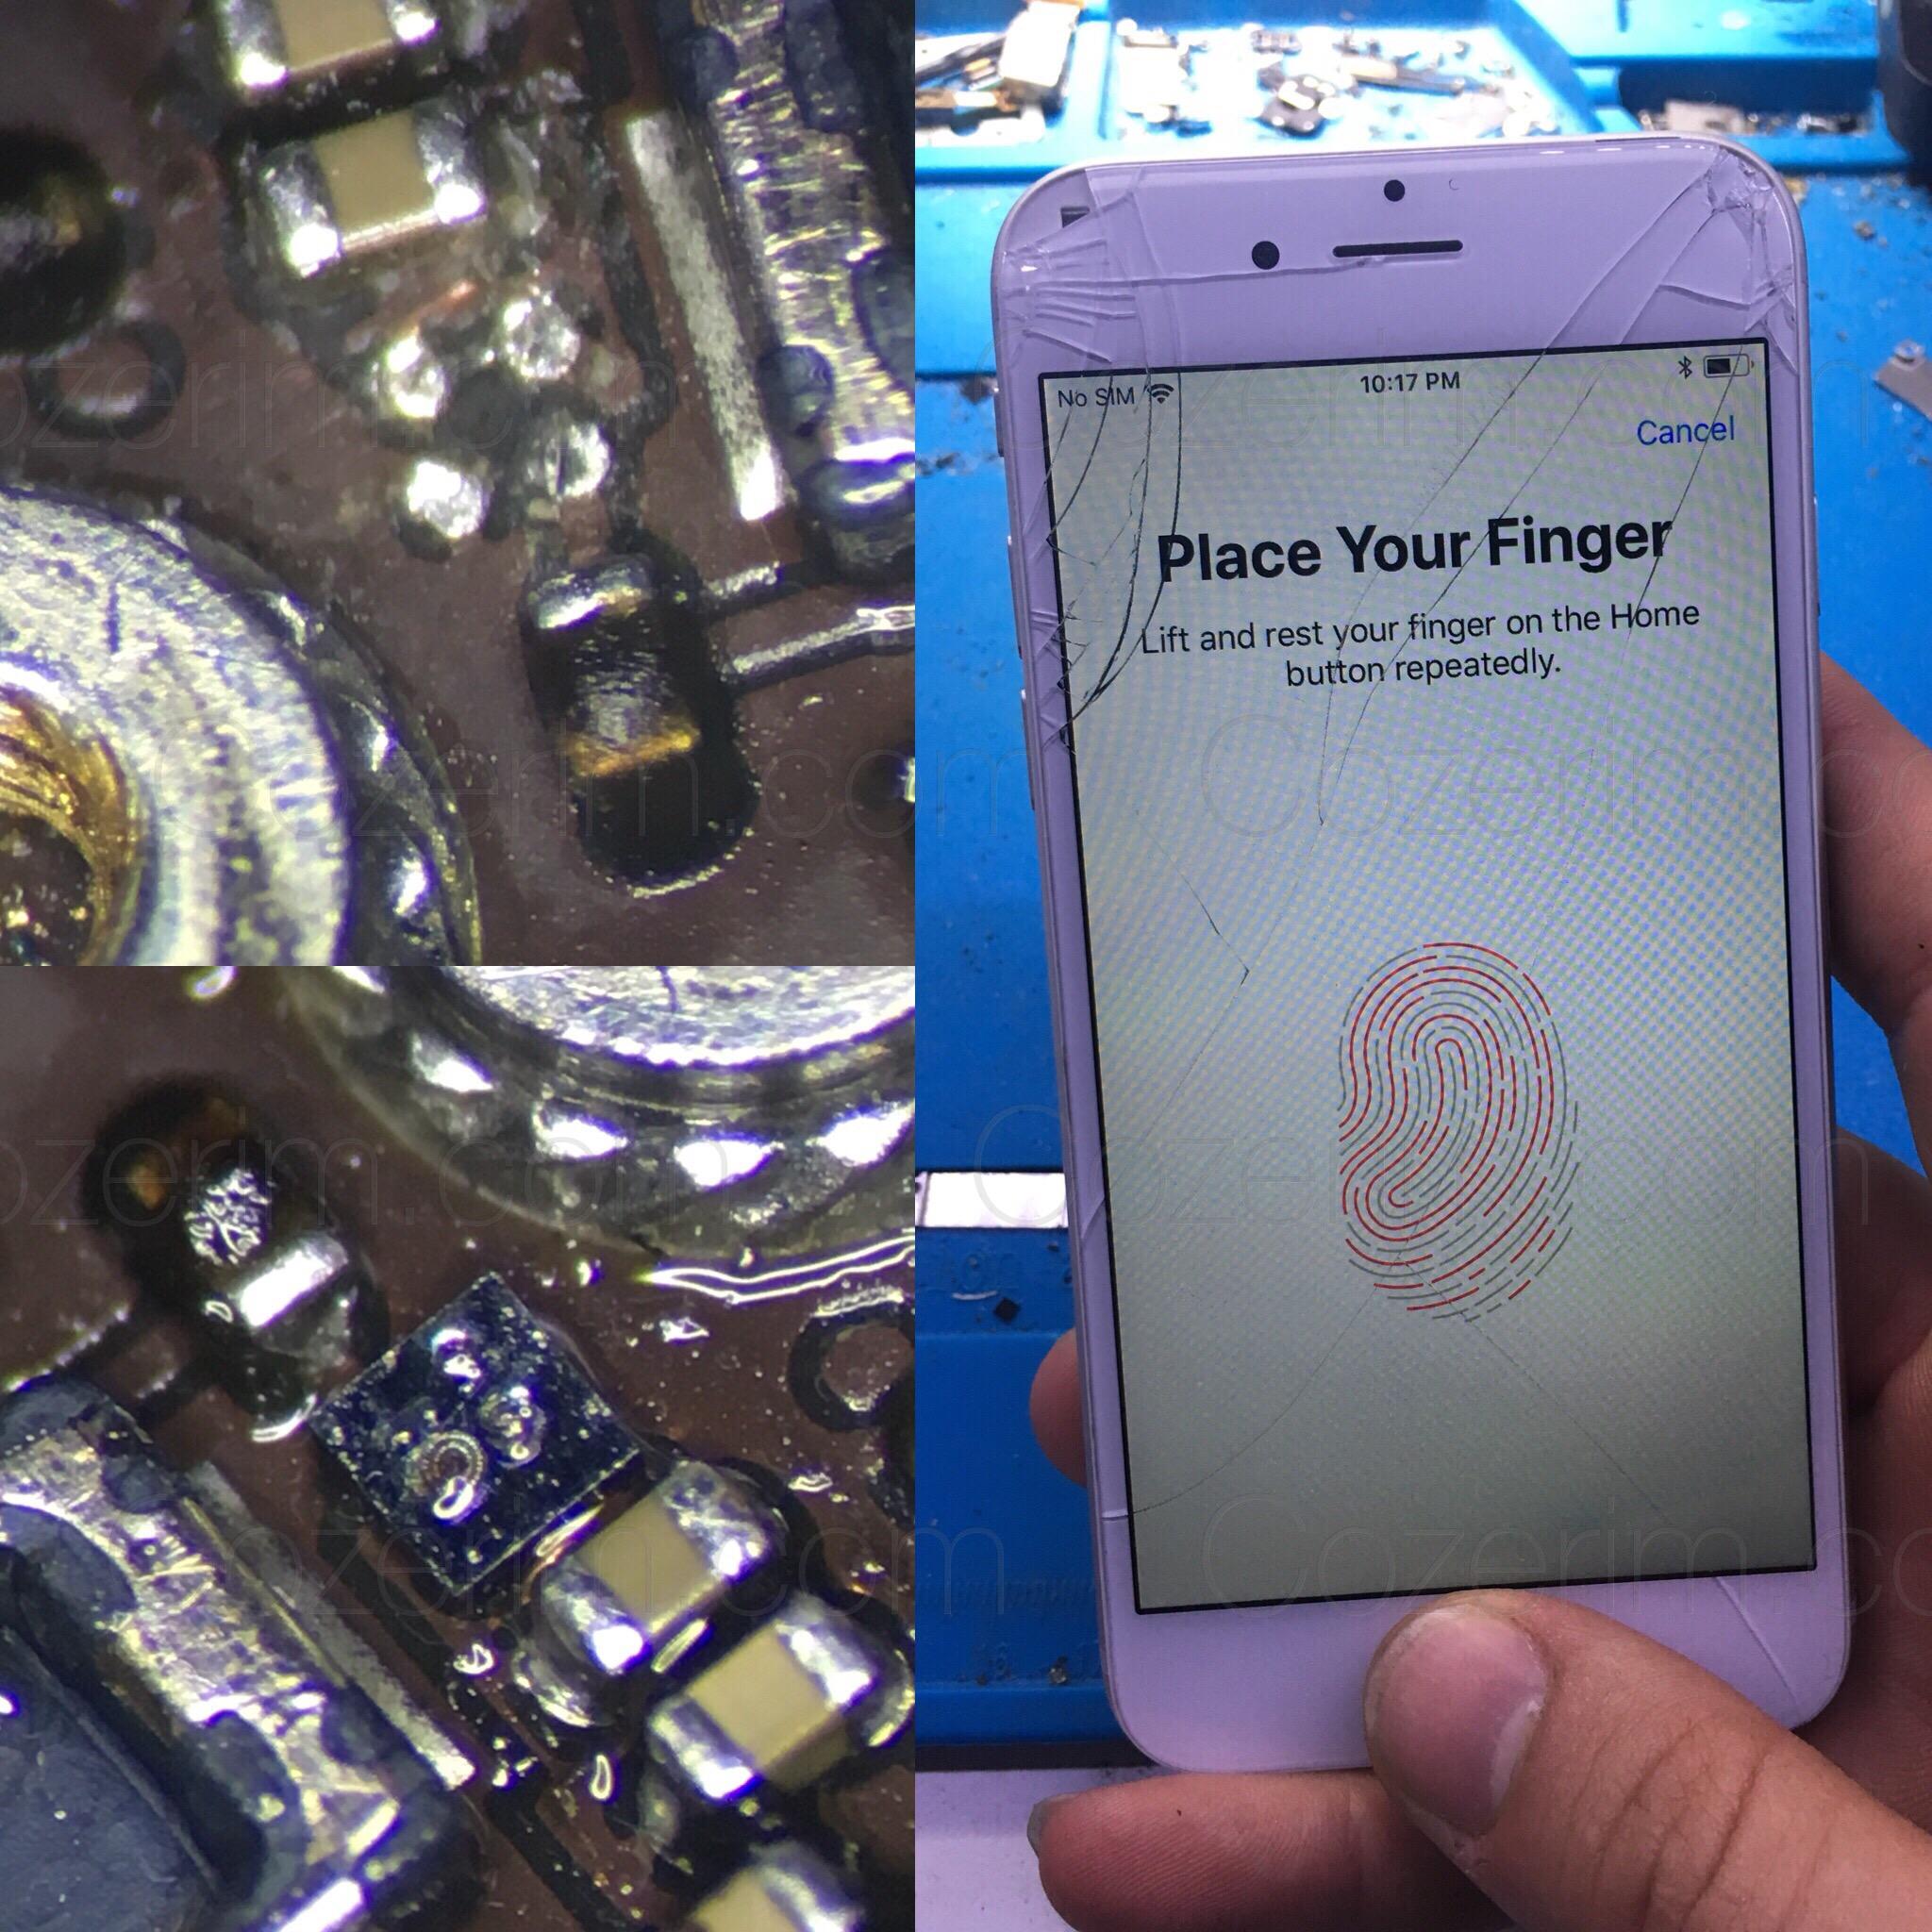 iphone 6 parmak izi okuyucu çalışmıyor